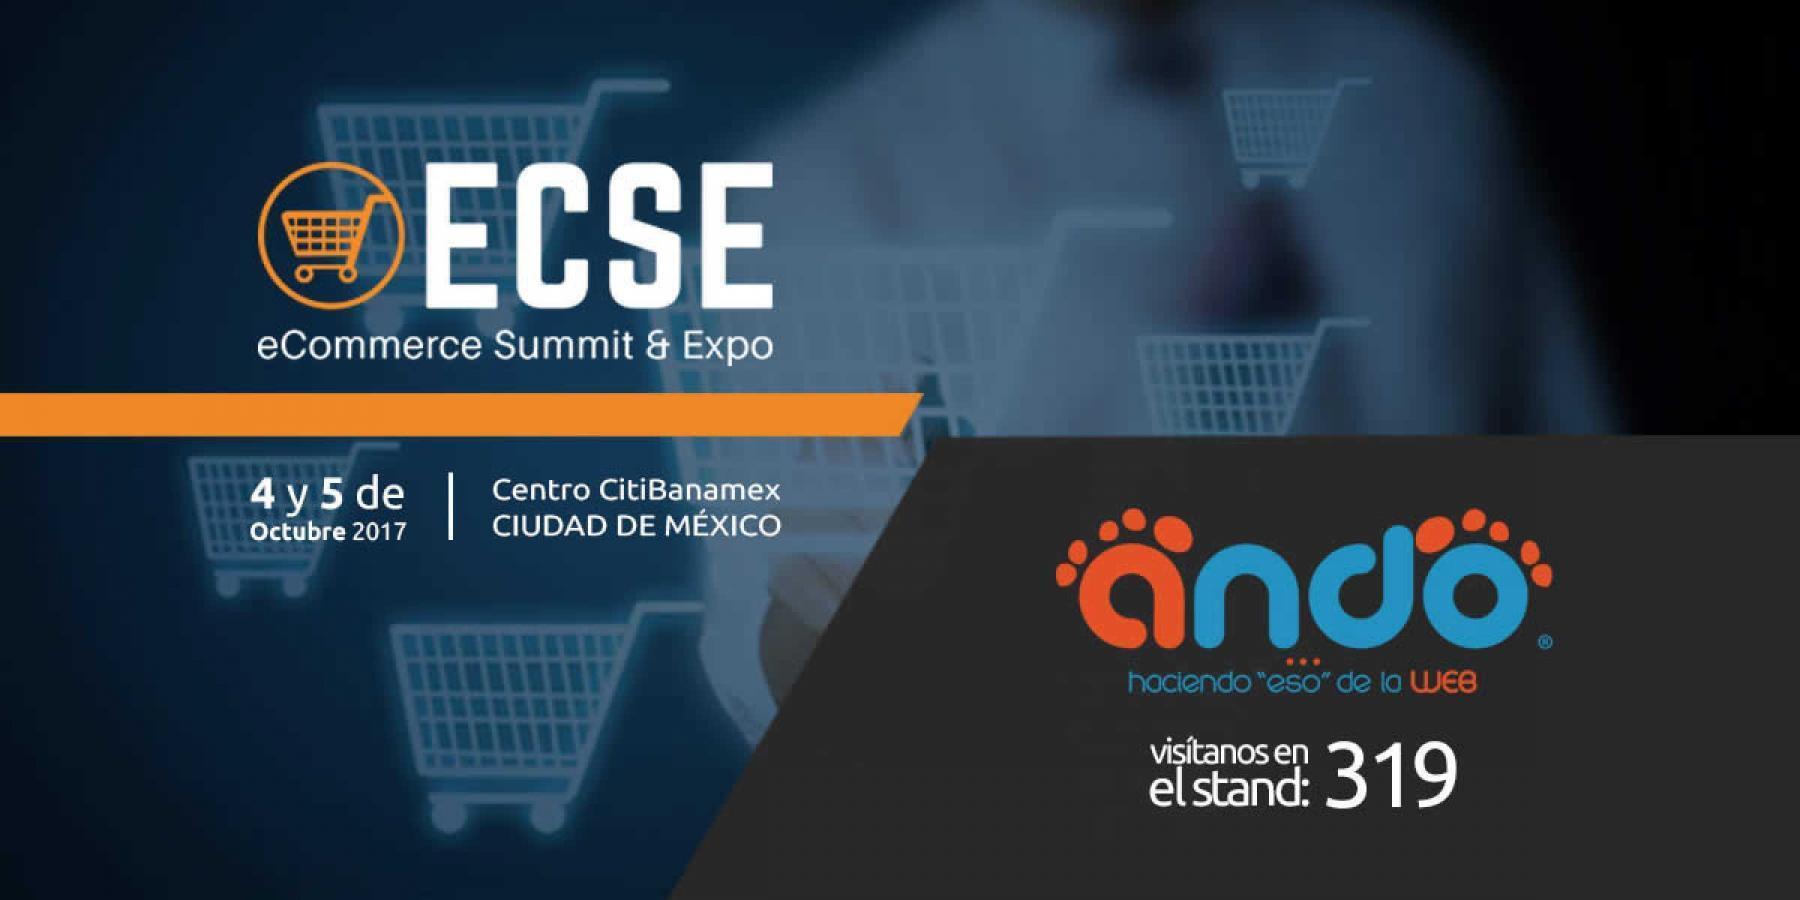 Ecommerce Summit & Expo 2017 #ECSE2017